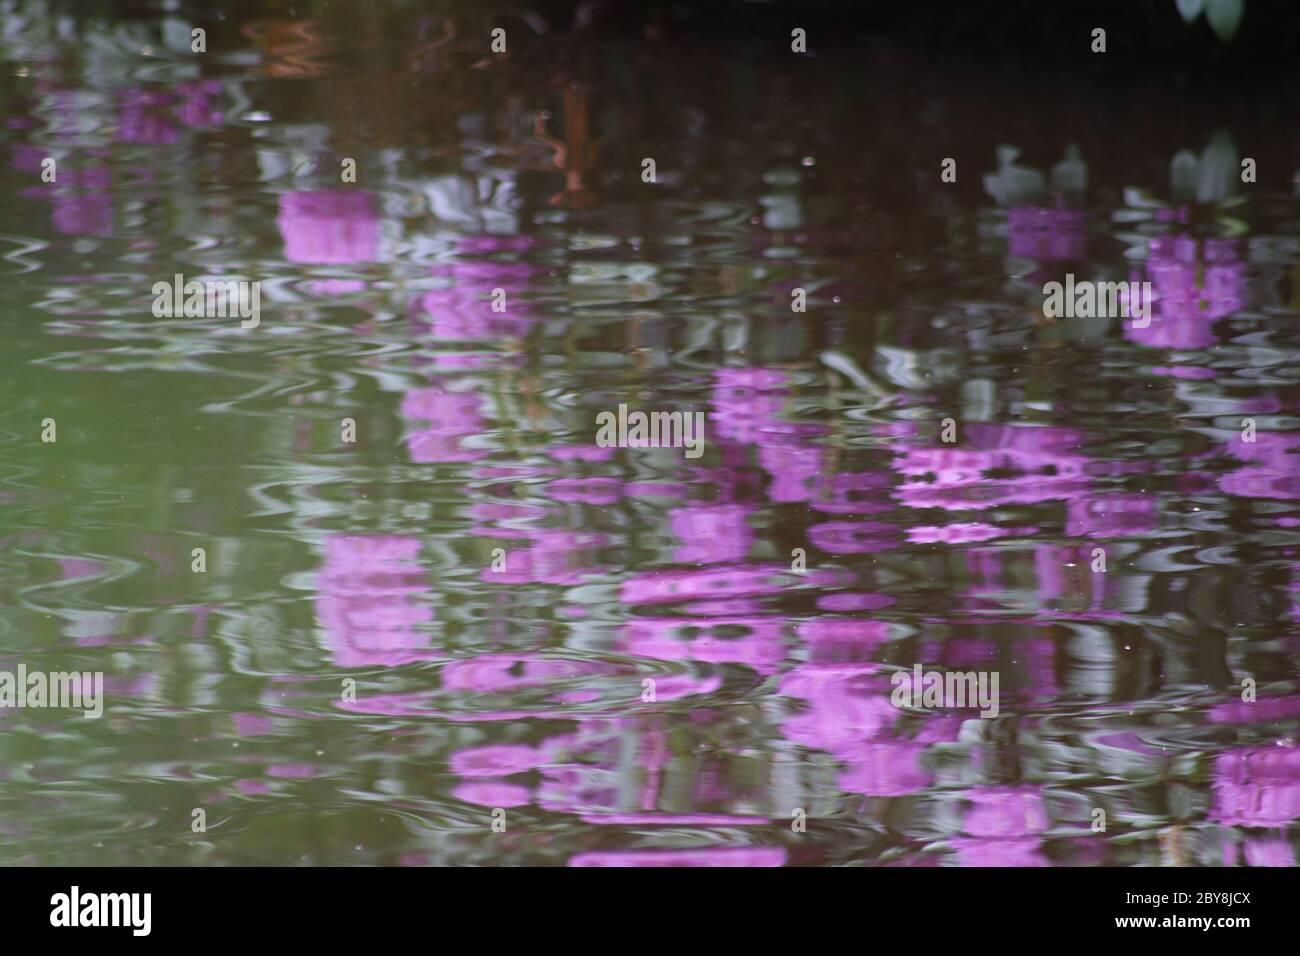 Reflejos púrpura y verde en estanque Foto de stock